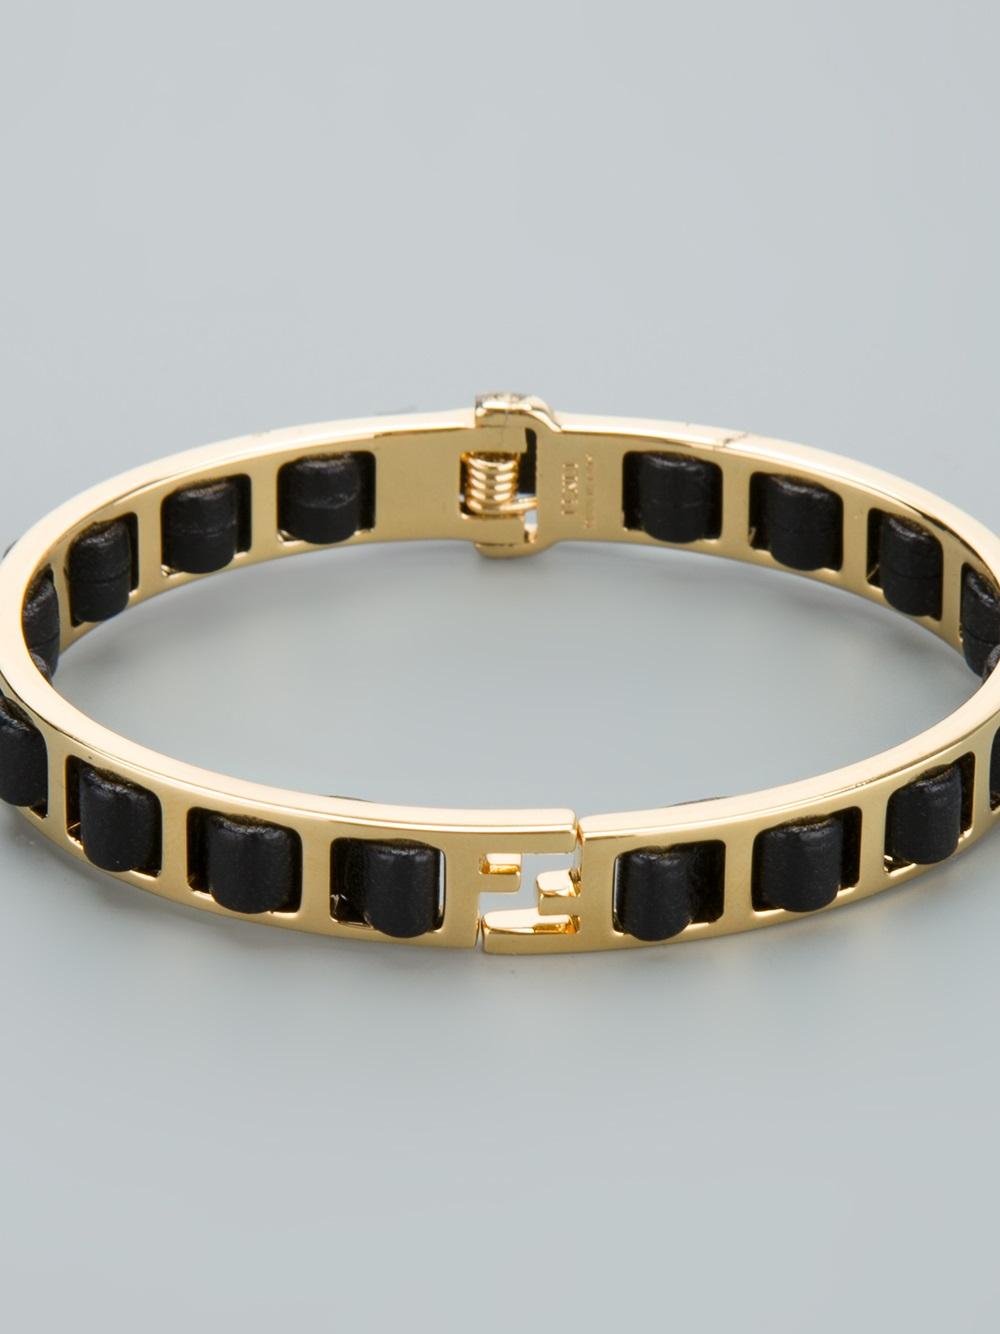 Bracelet En Cuir Logo - Fendi Métallique v7Mbs7YbZ